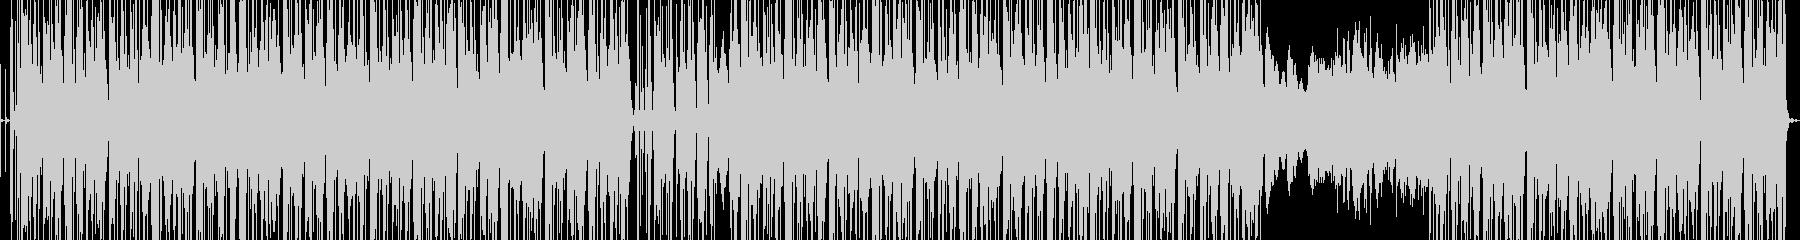 ゆったりほのぼのしたファンクBGMの未再生の波形